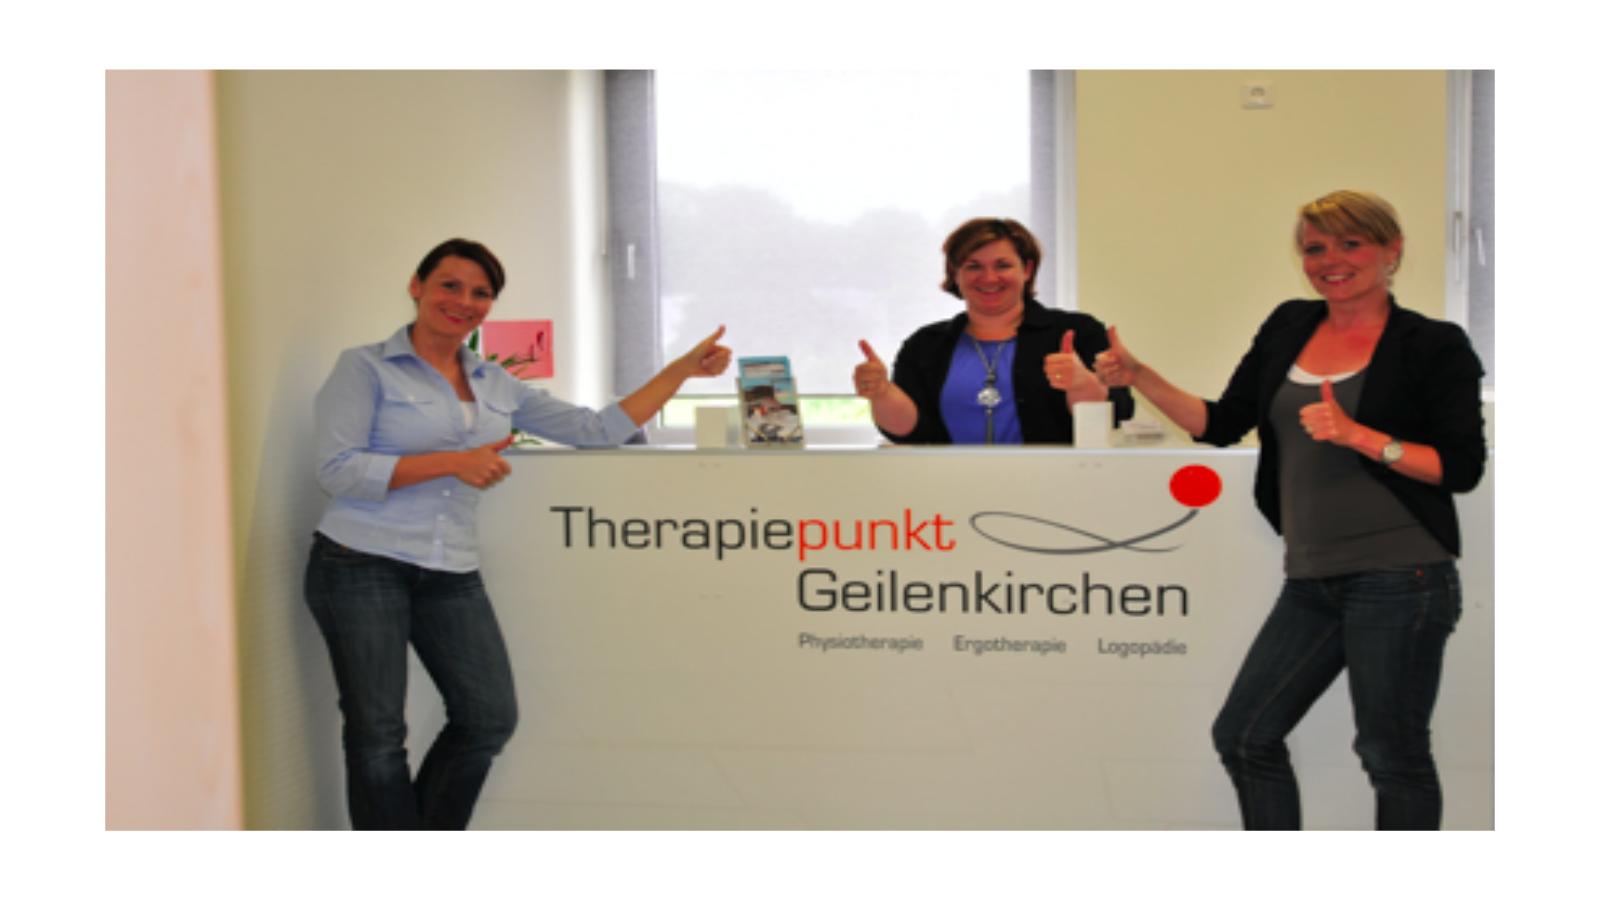 Therapiepunkt Geilenkirchen